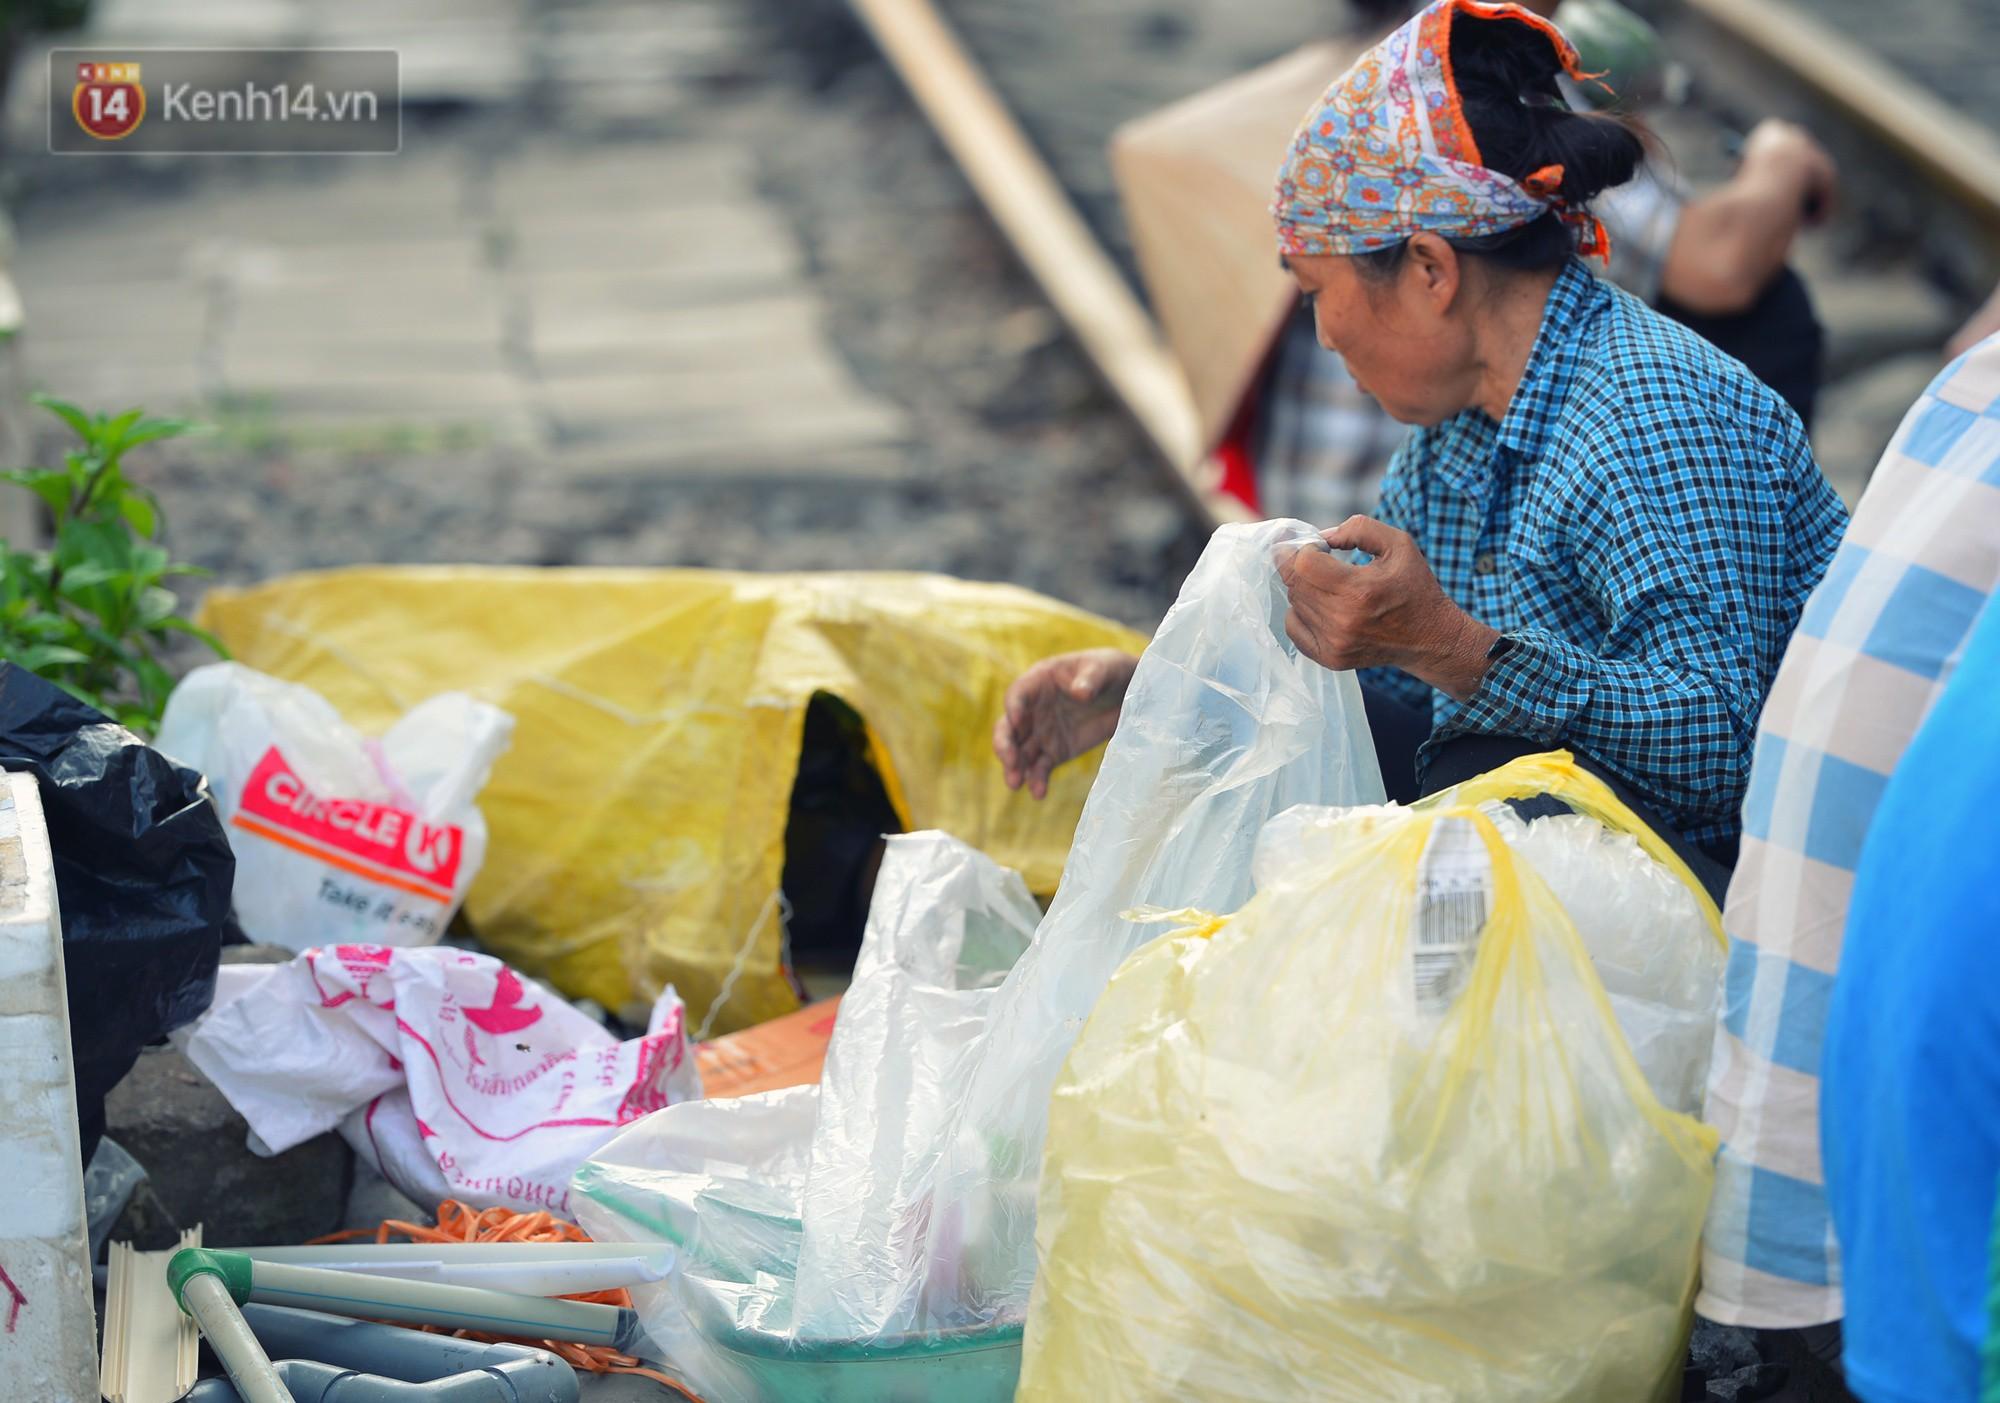 Hà Nội: Xóm đường tàu đẹp không kém làng cổ Thập Phần, Đài Loan - Ảnh 10.